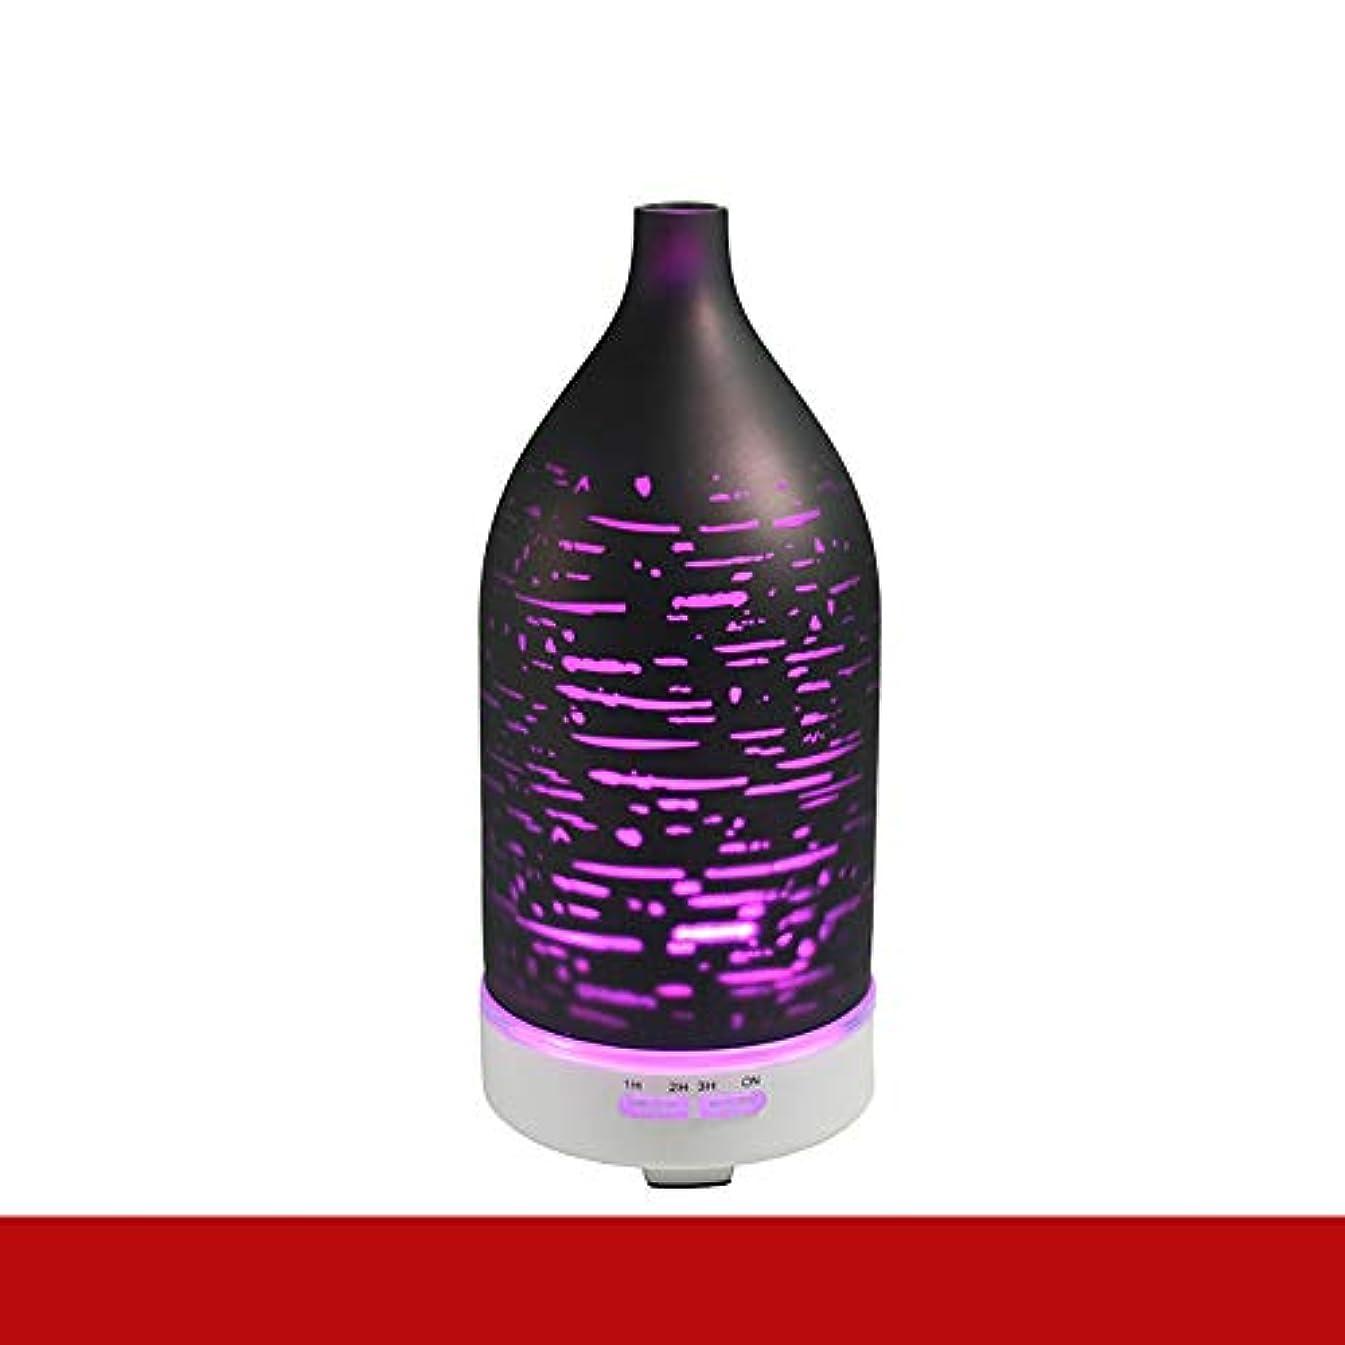 追放現象購入エッセンシャルオイルディフューザー電気超音波加湿器アロマセラピークールミスト加湿器空気清浄機7色 LED ライトホームベビールームベッドルームオフィス